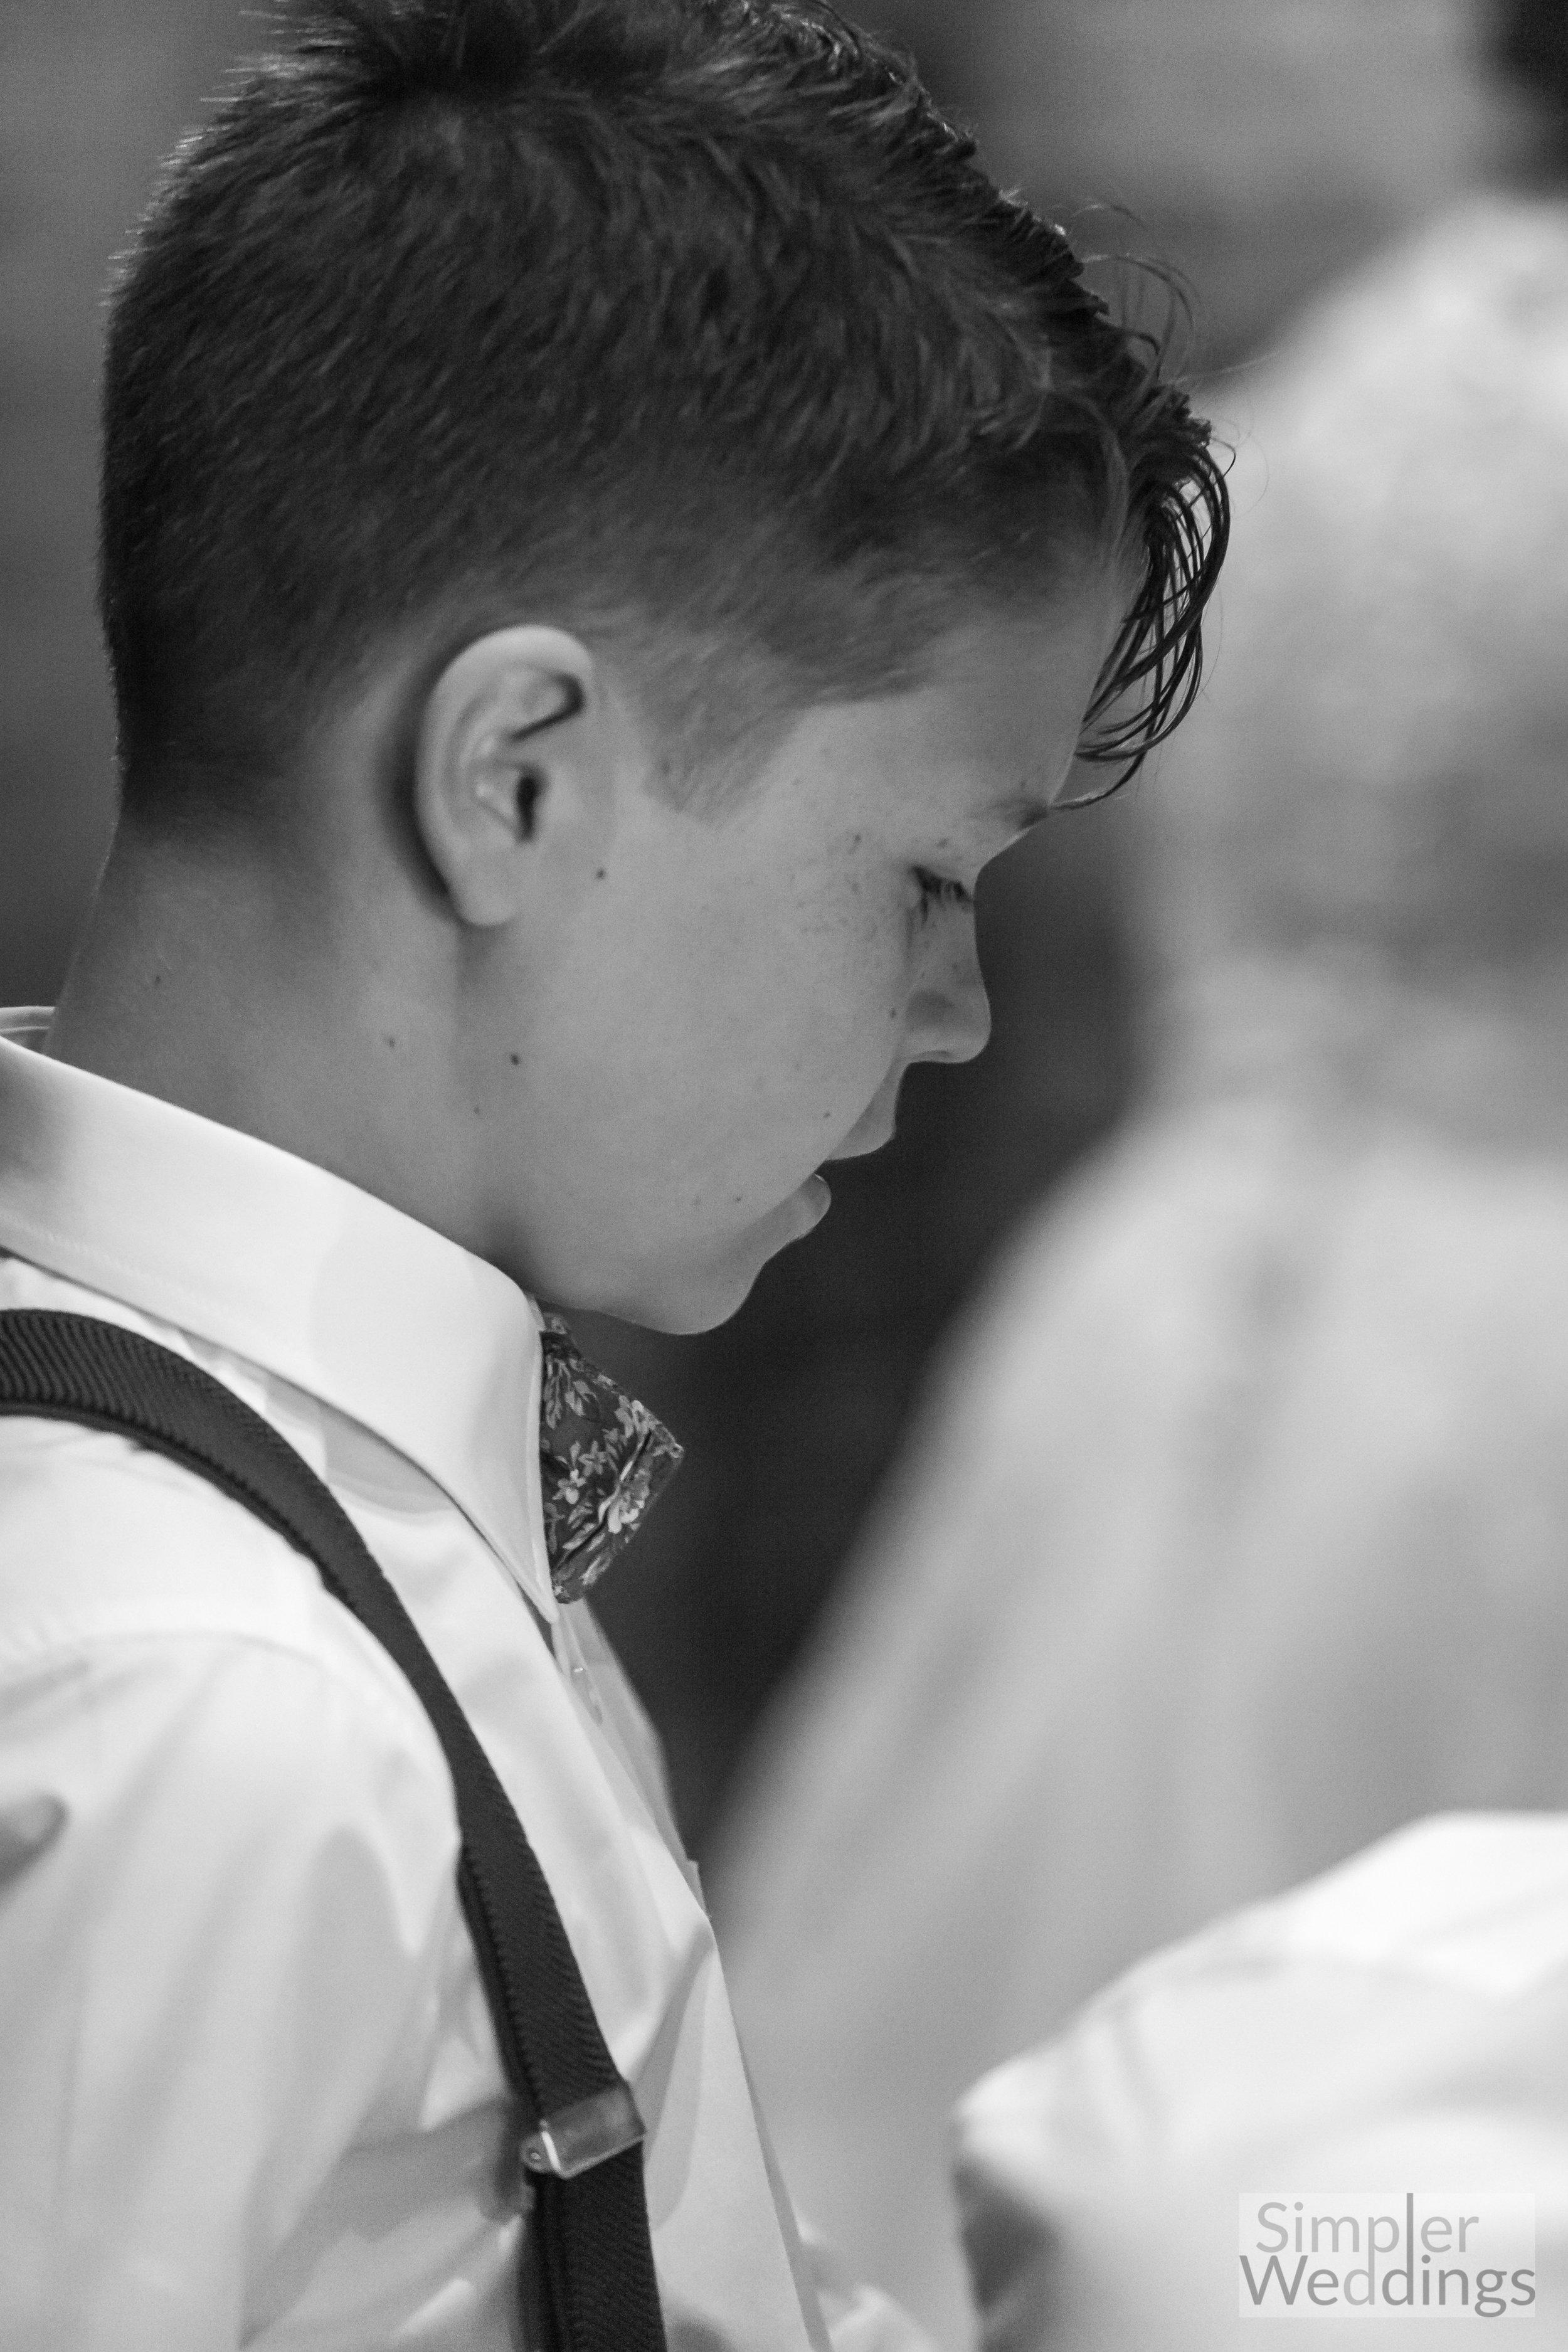 simpler-weddings-high-res-6242.jpg